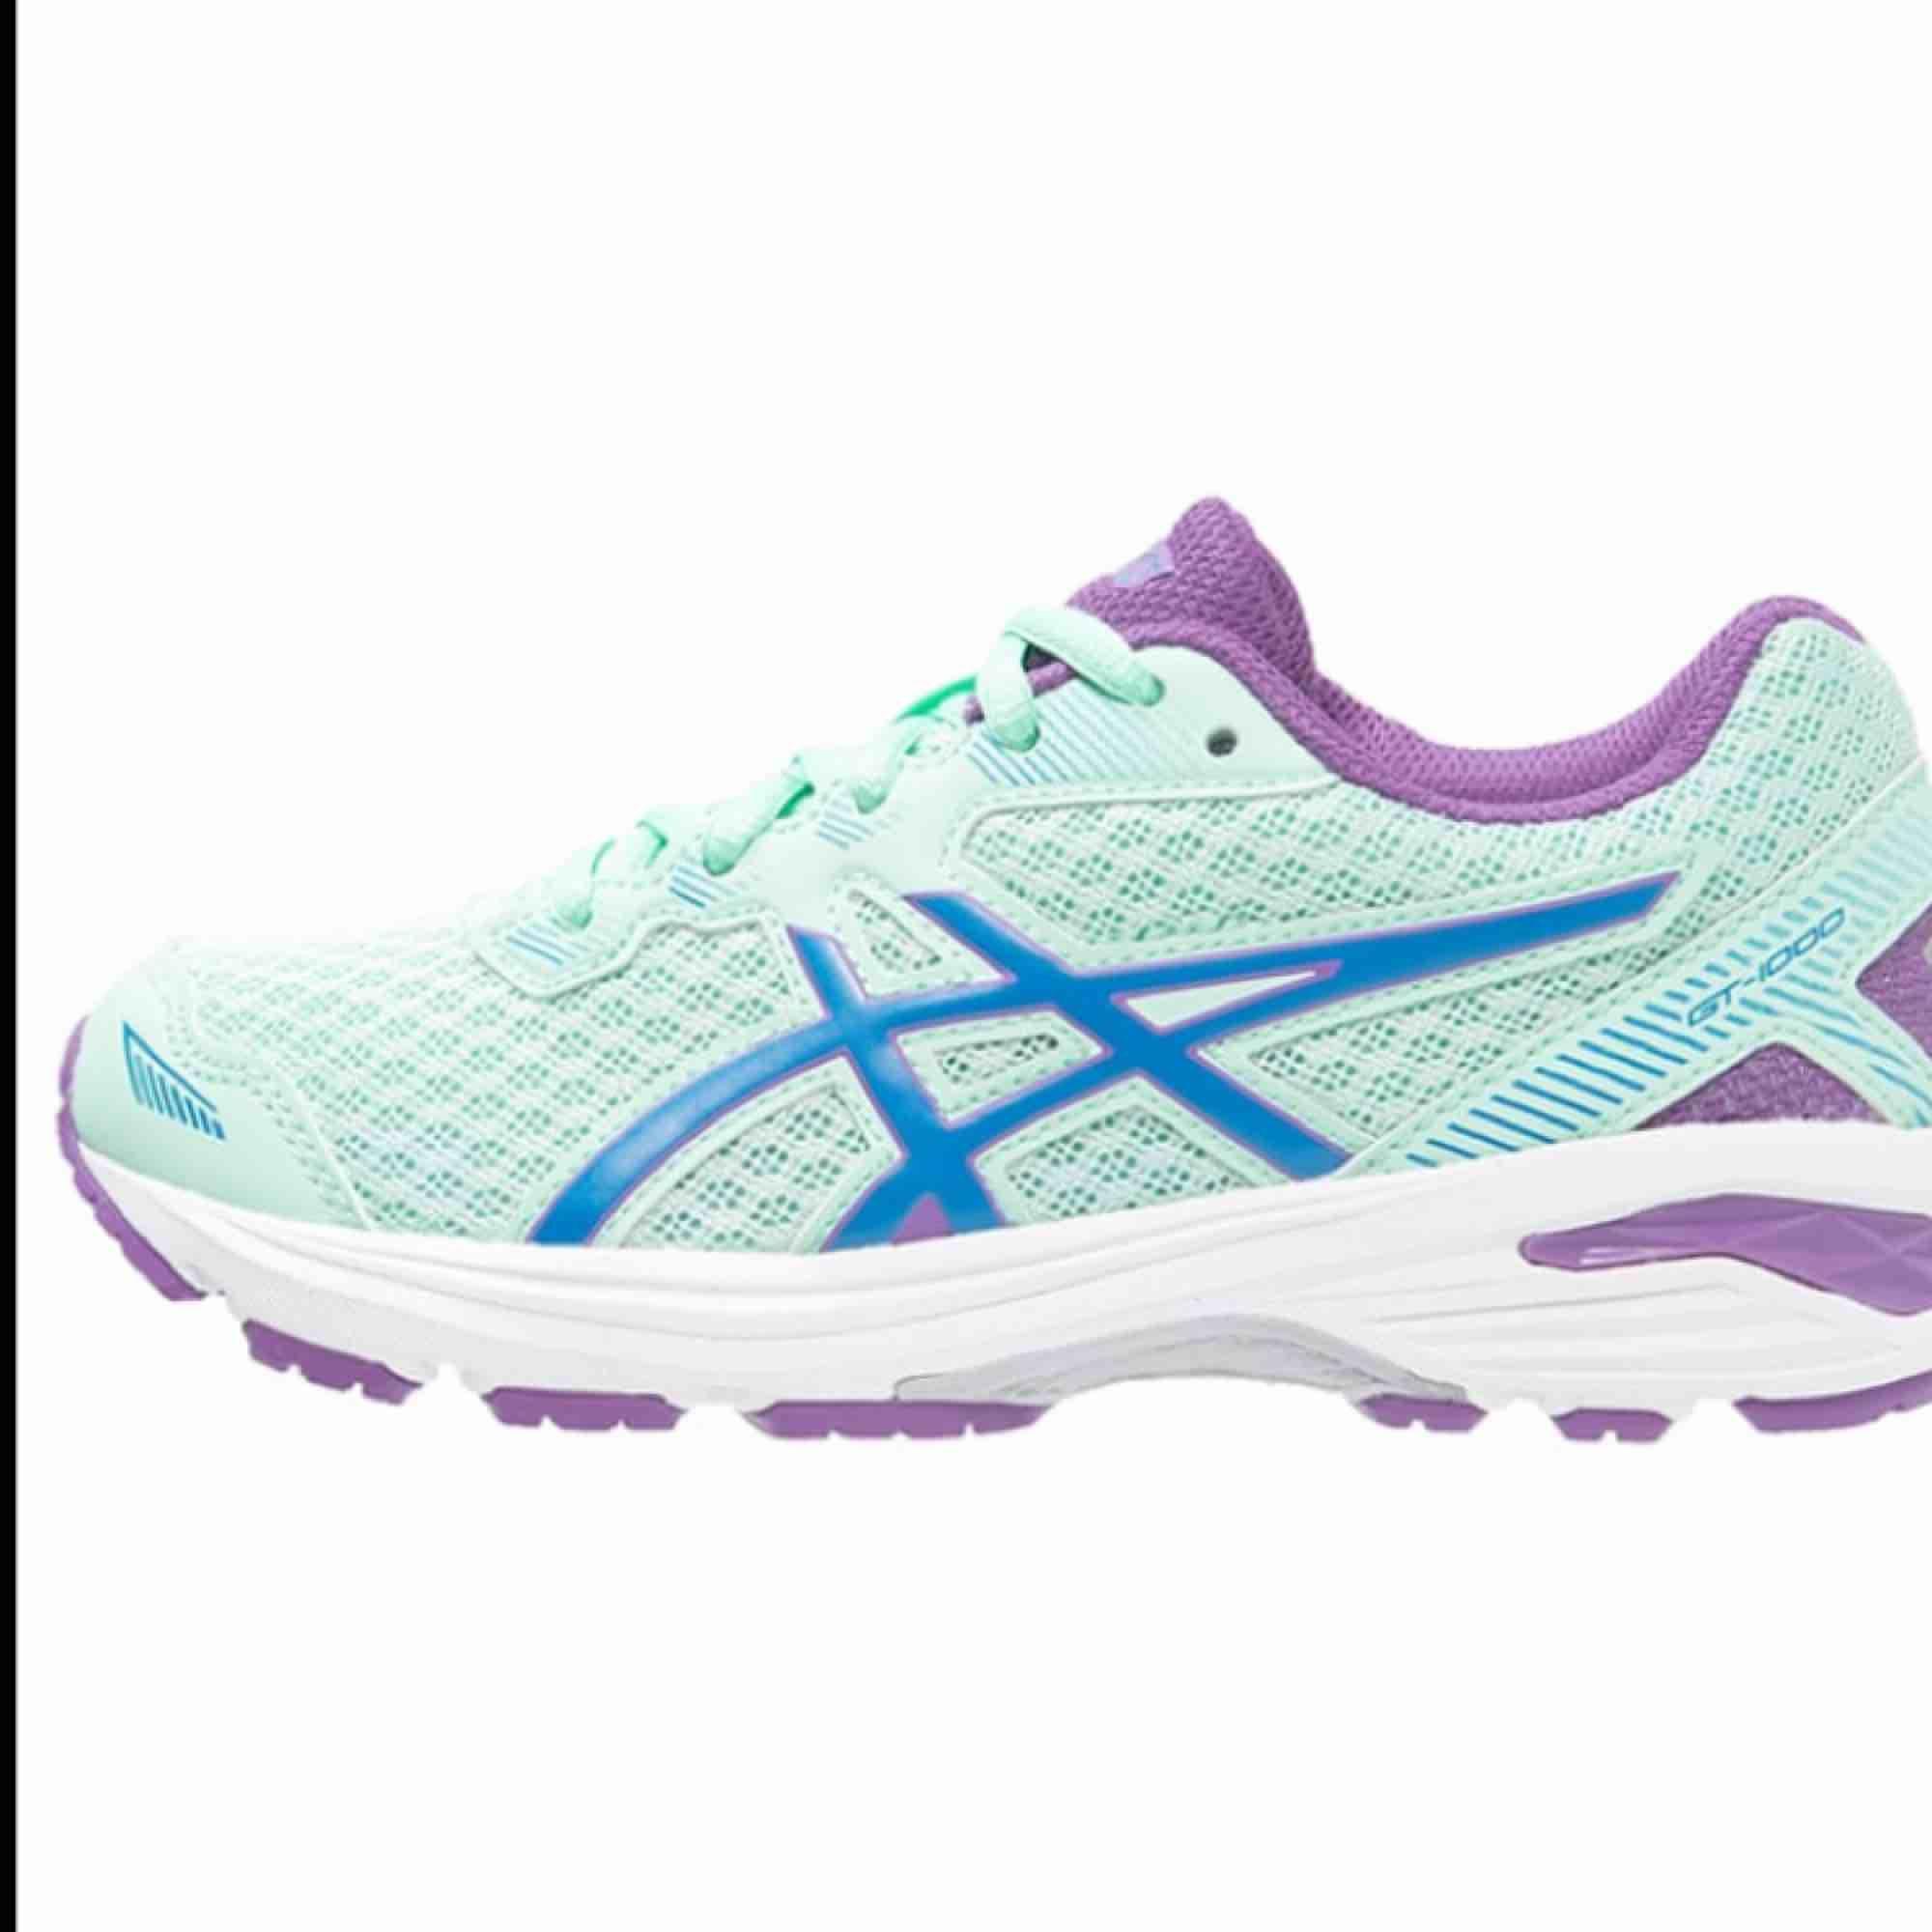 Ett par jättefina Asics skor! GT-1000   Superbra pris då dom är inköpta för typ 700kr elr mer  minns nt exakt! Dom är i superbra skick👍🏻👍🏻 bara att höra av sig om fler bilder elr frågor😊❤️. Skor.